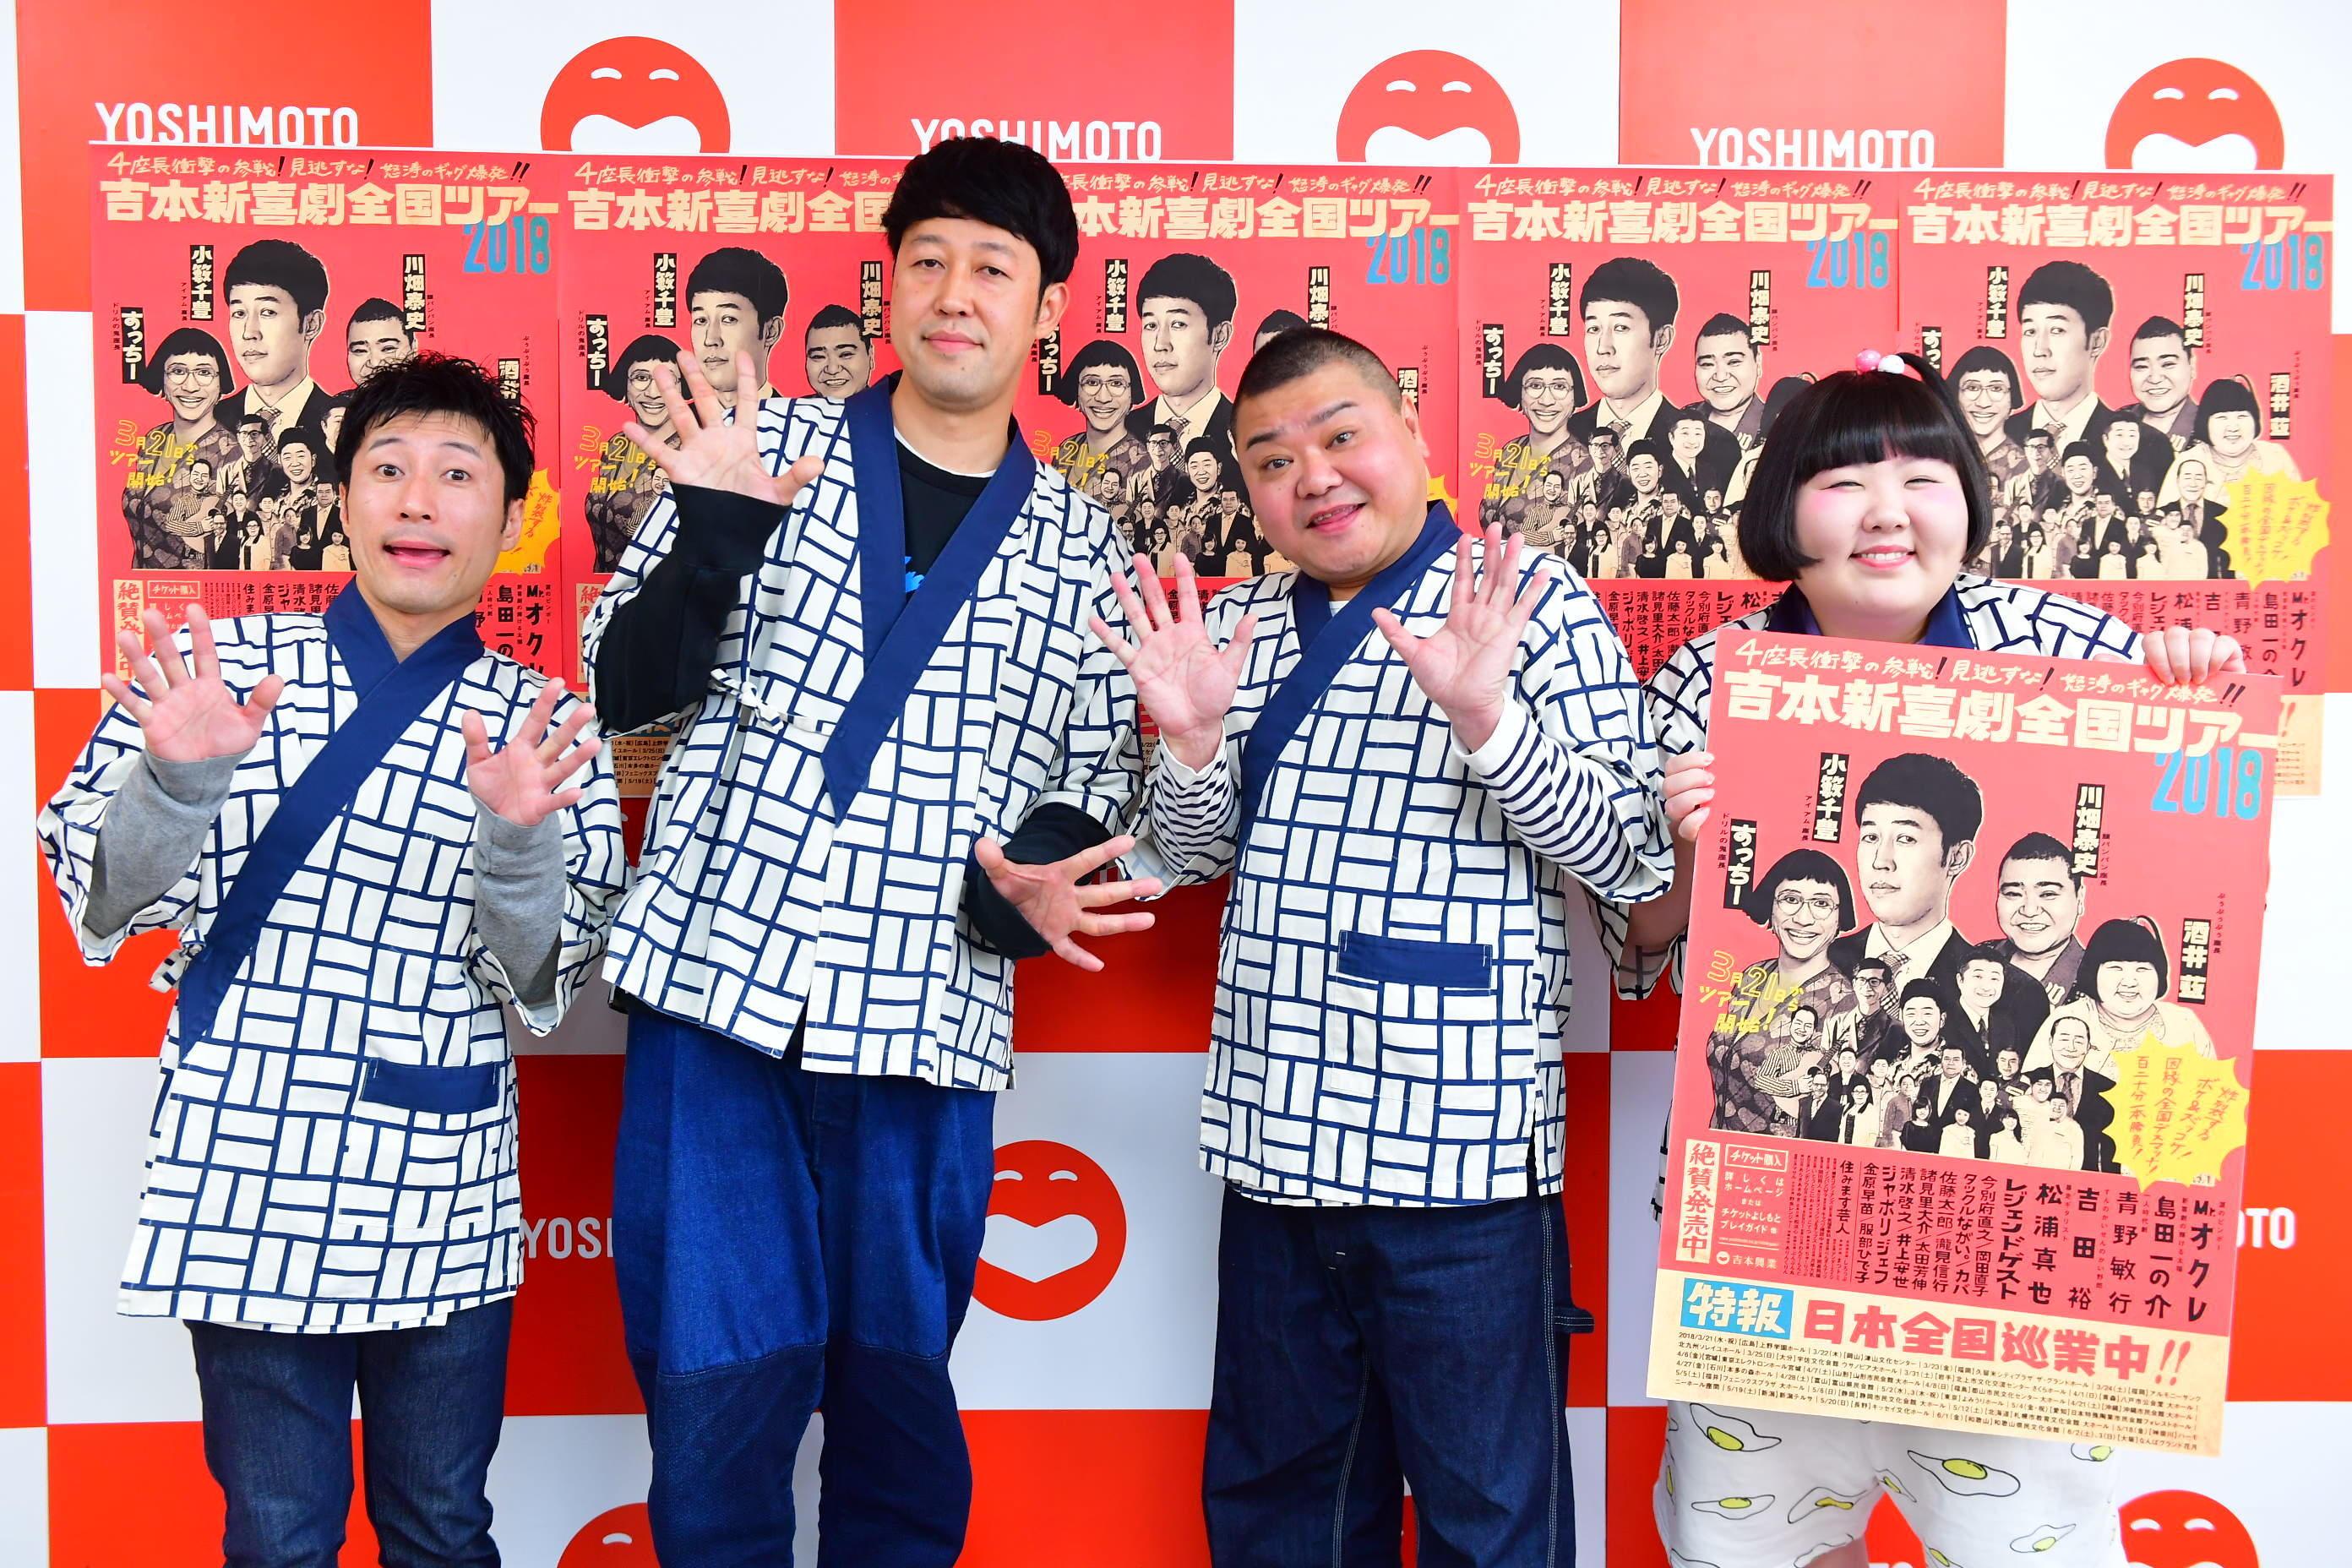 http://news.yoshimoto.co.jp/20180205174650-75d31645d037e1b813f685ffb744deb3c6a1dc90.jpg